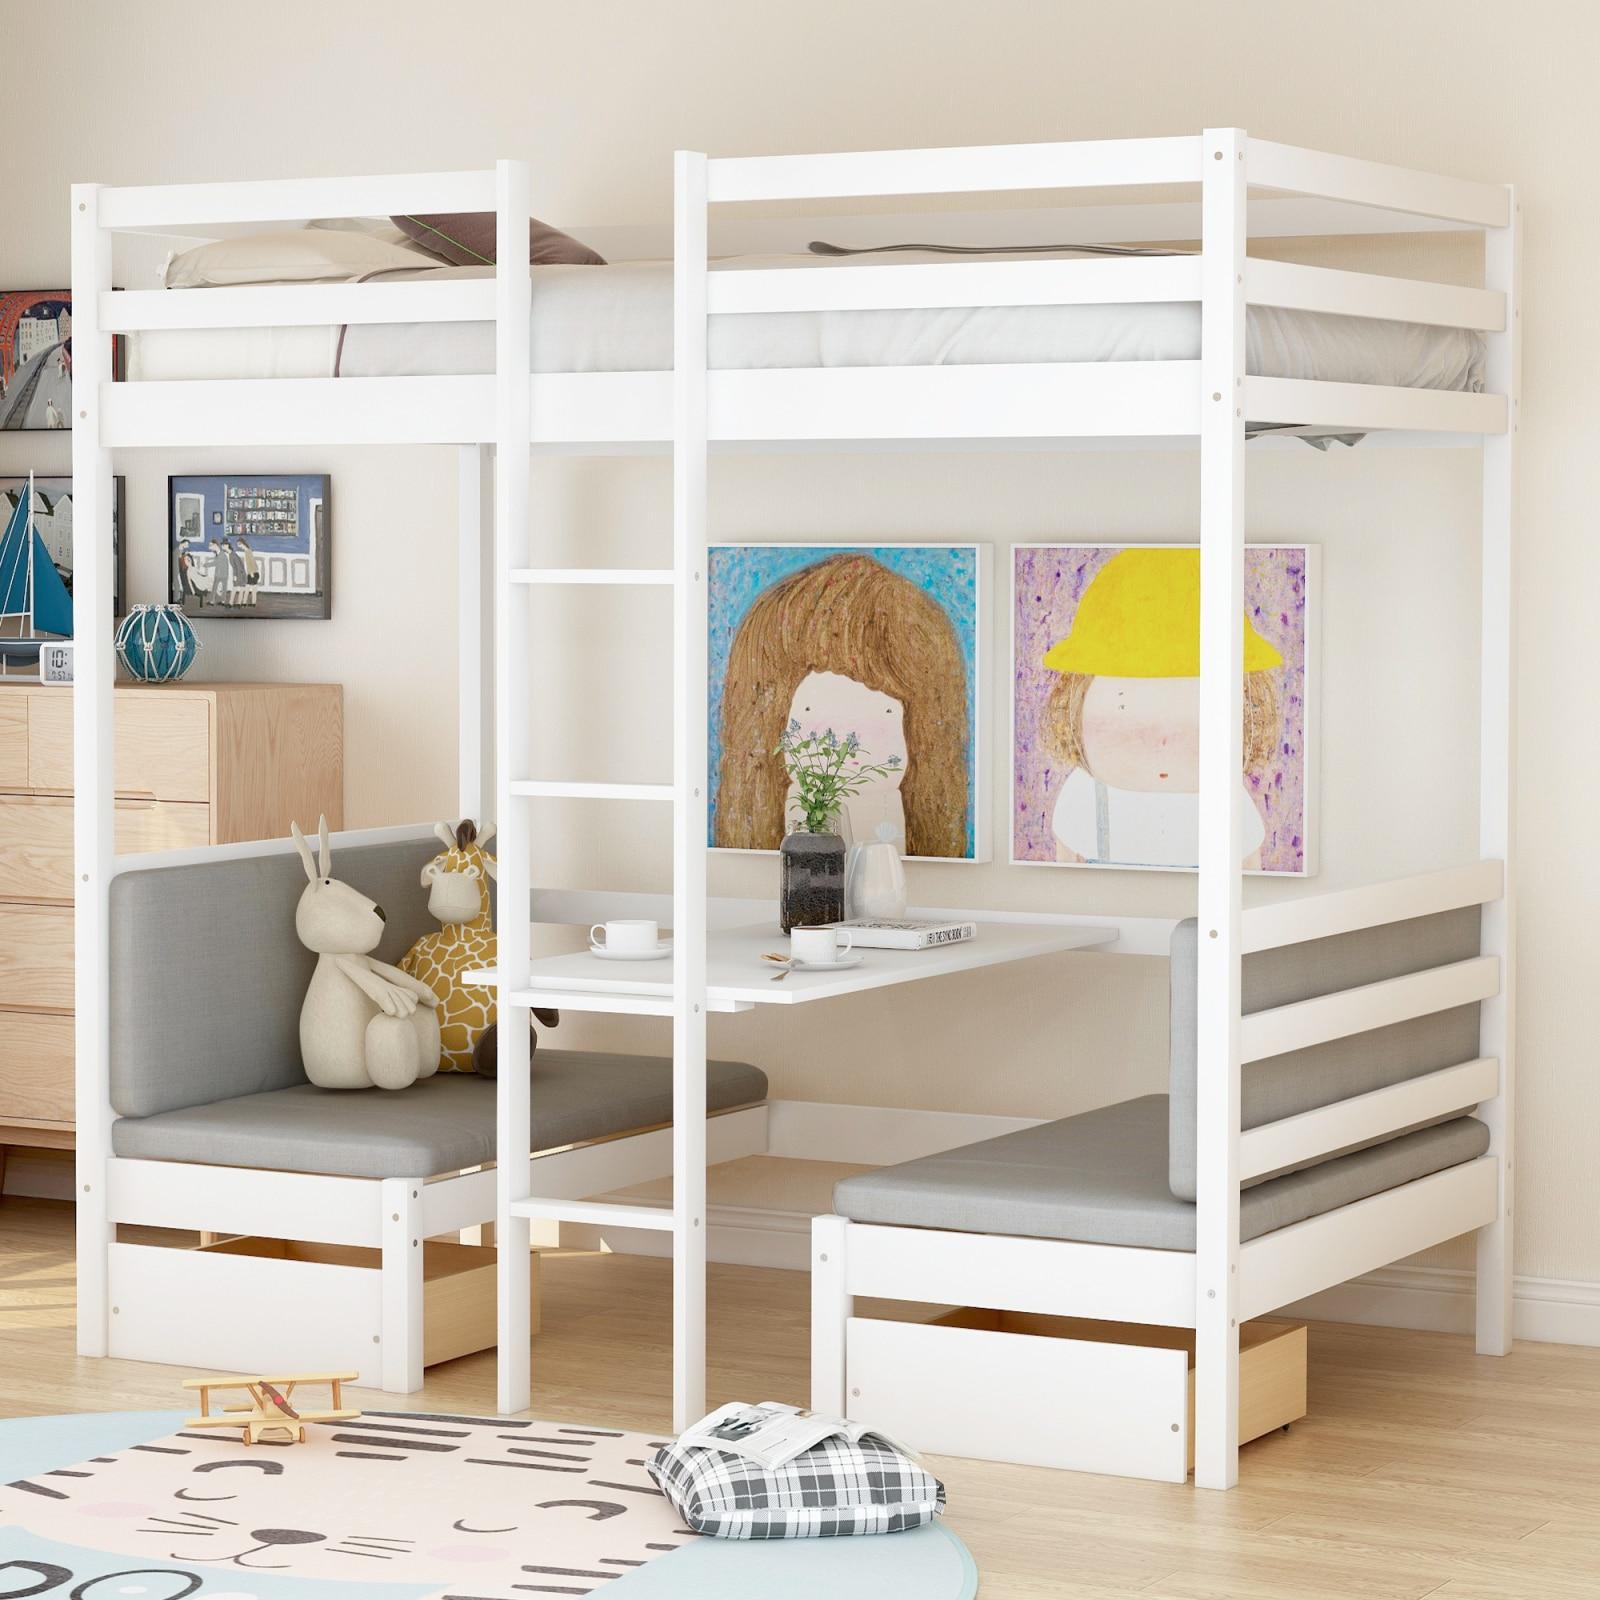 سرير علوي وظيفي (يتحول إلى سرير علوي ومكتب أسفل ، مع مجموعات وسادة) ، حجم مزدوج